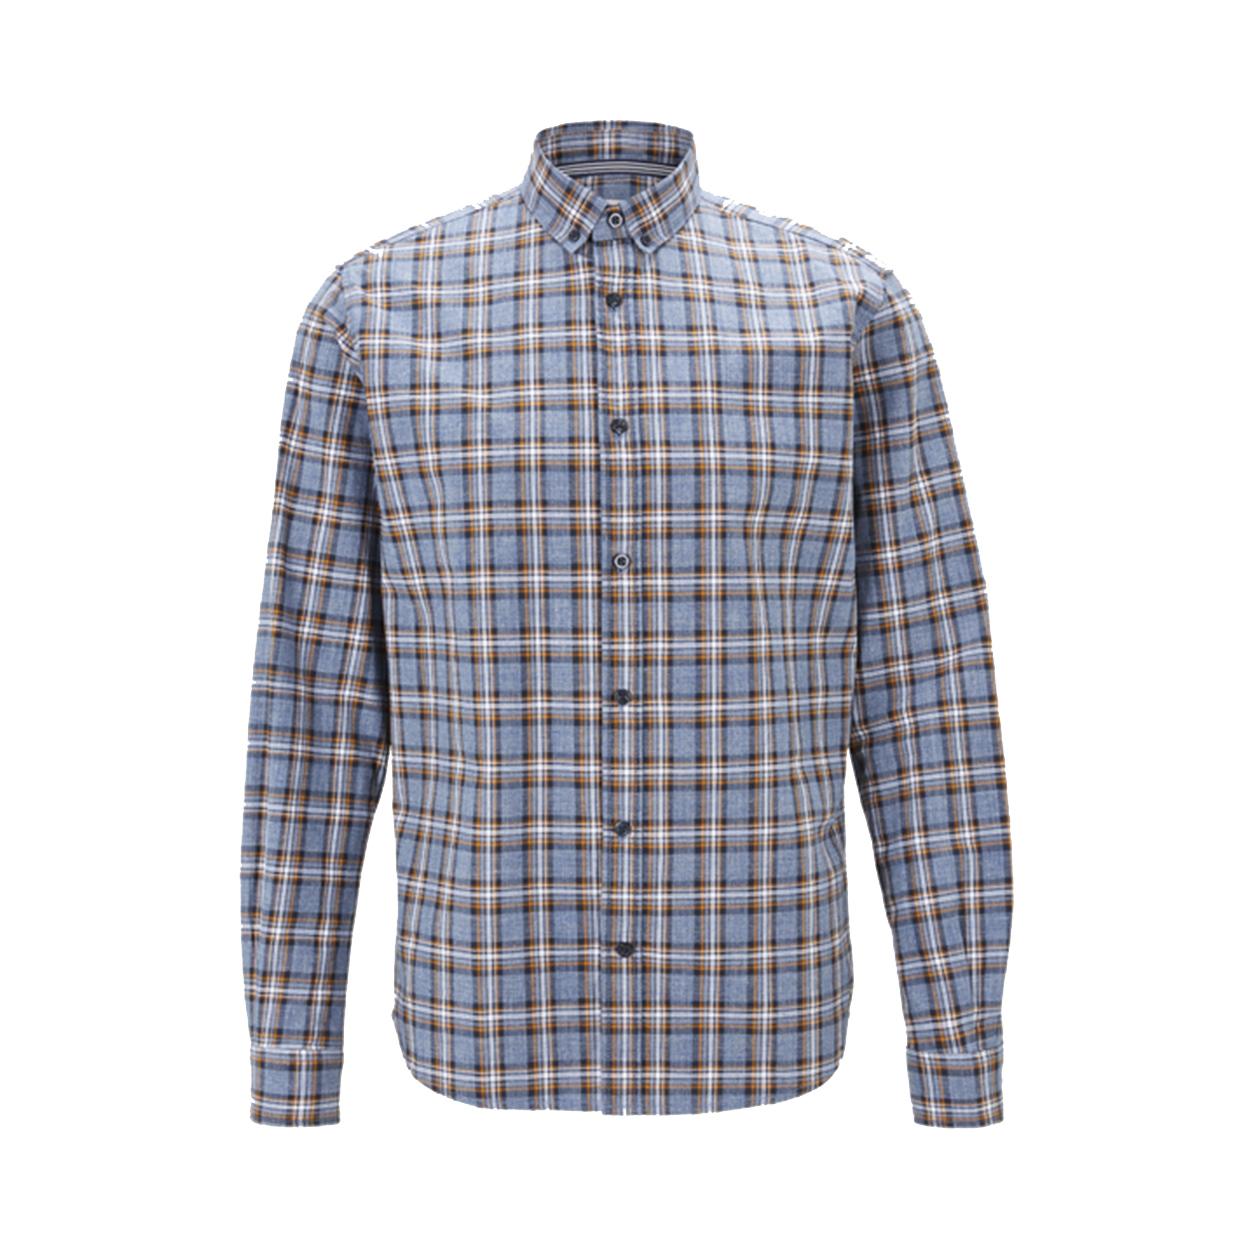 Chemise droite  en coton à carreaux bleu, orange et blanc